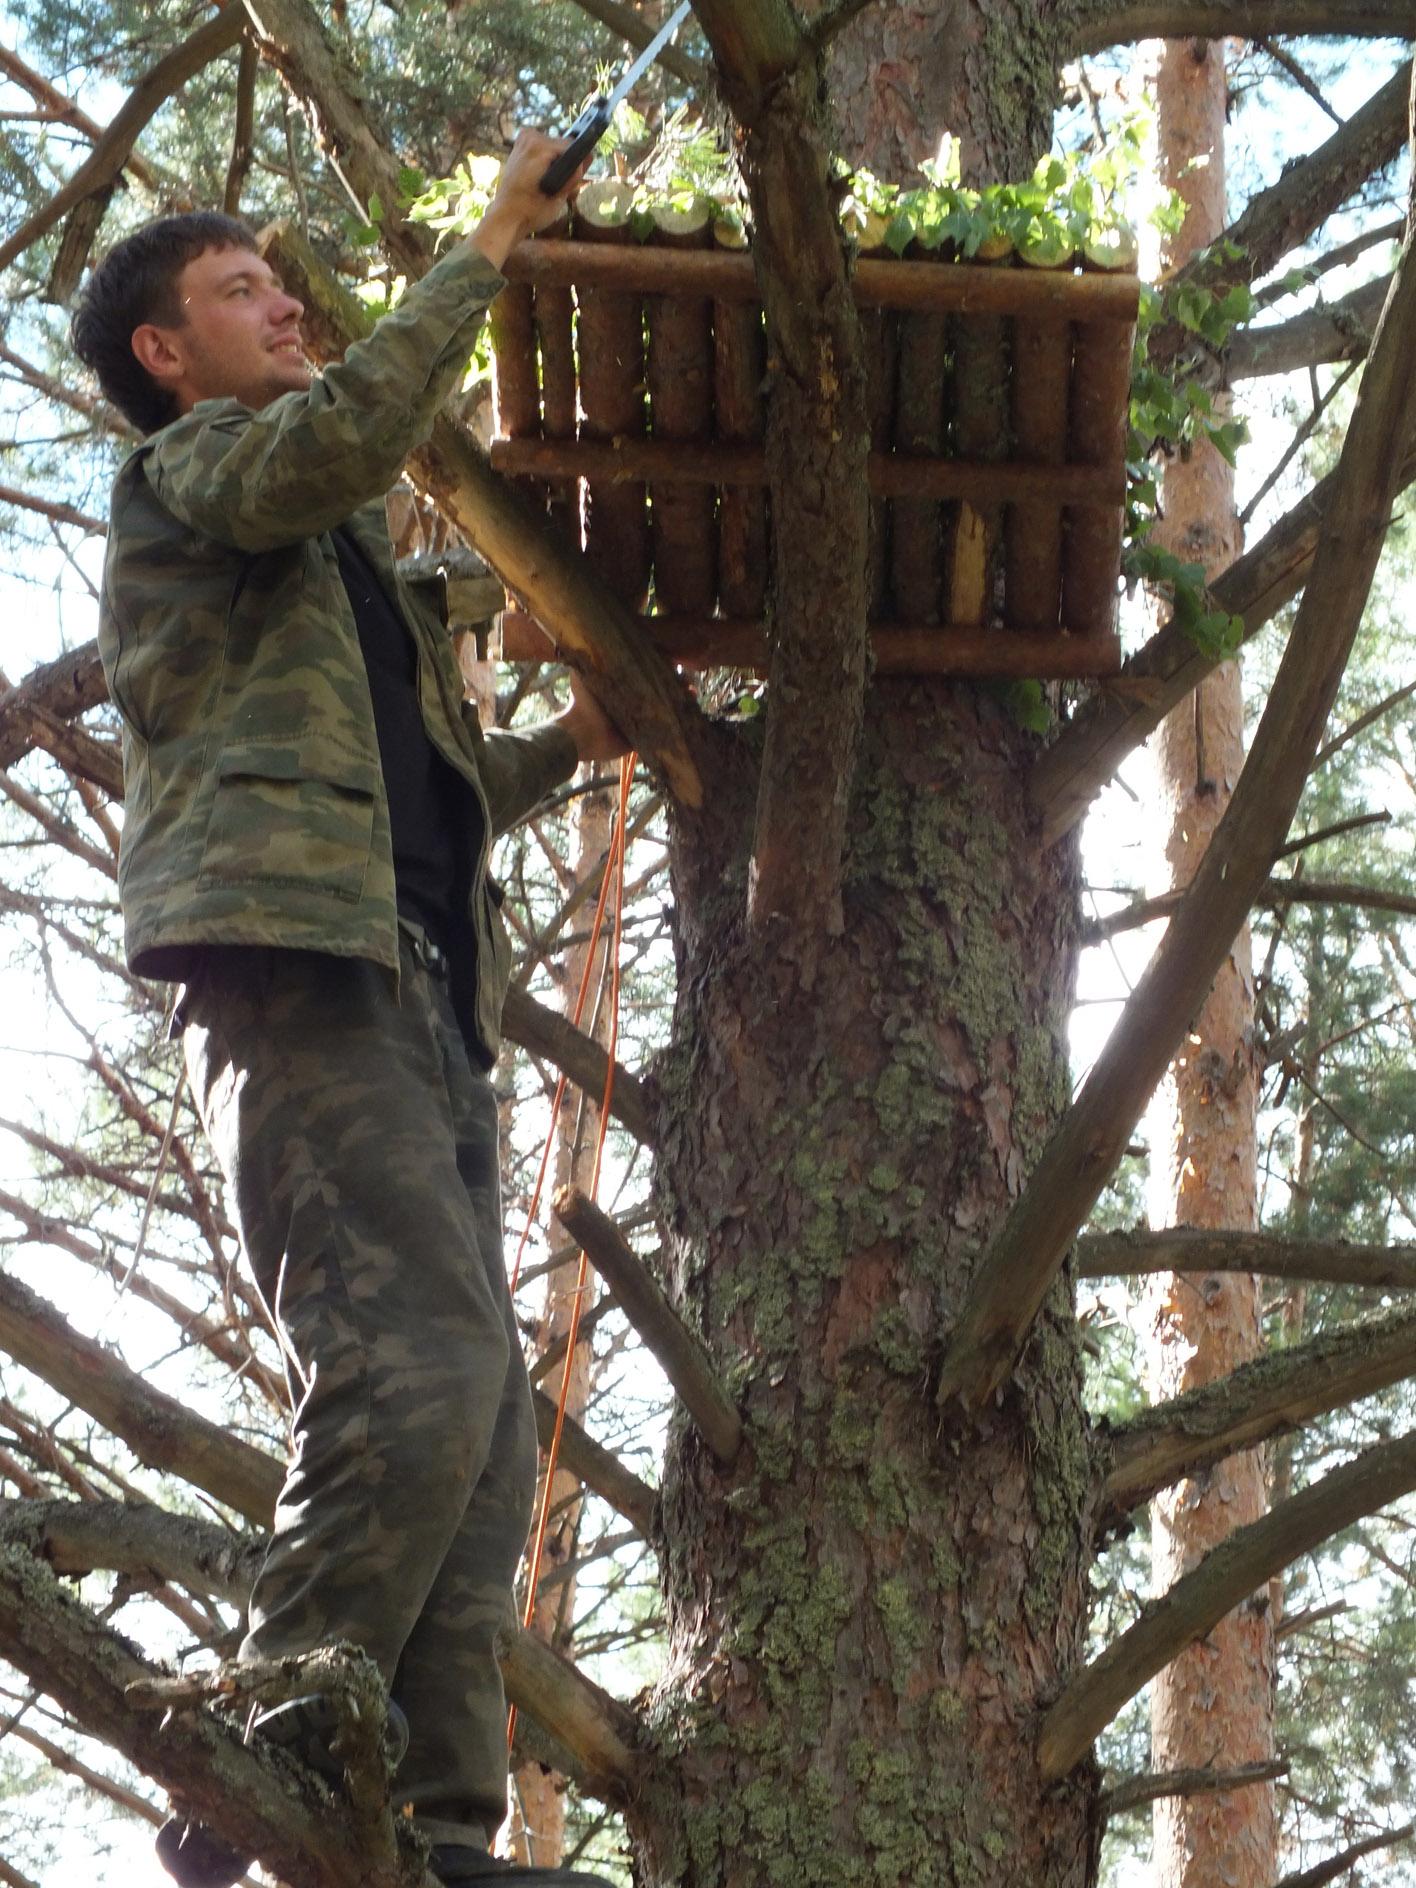 Последний штрих в установке платформы - спиливание веток, мешающих подлёту птицы. Фото Д. Денисова